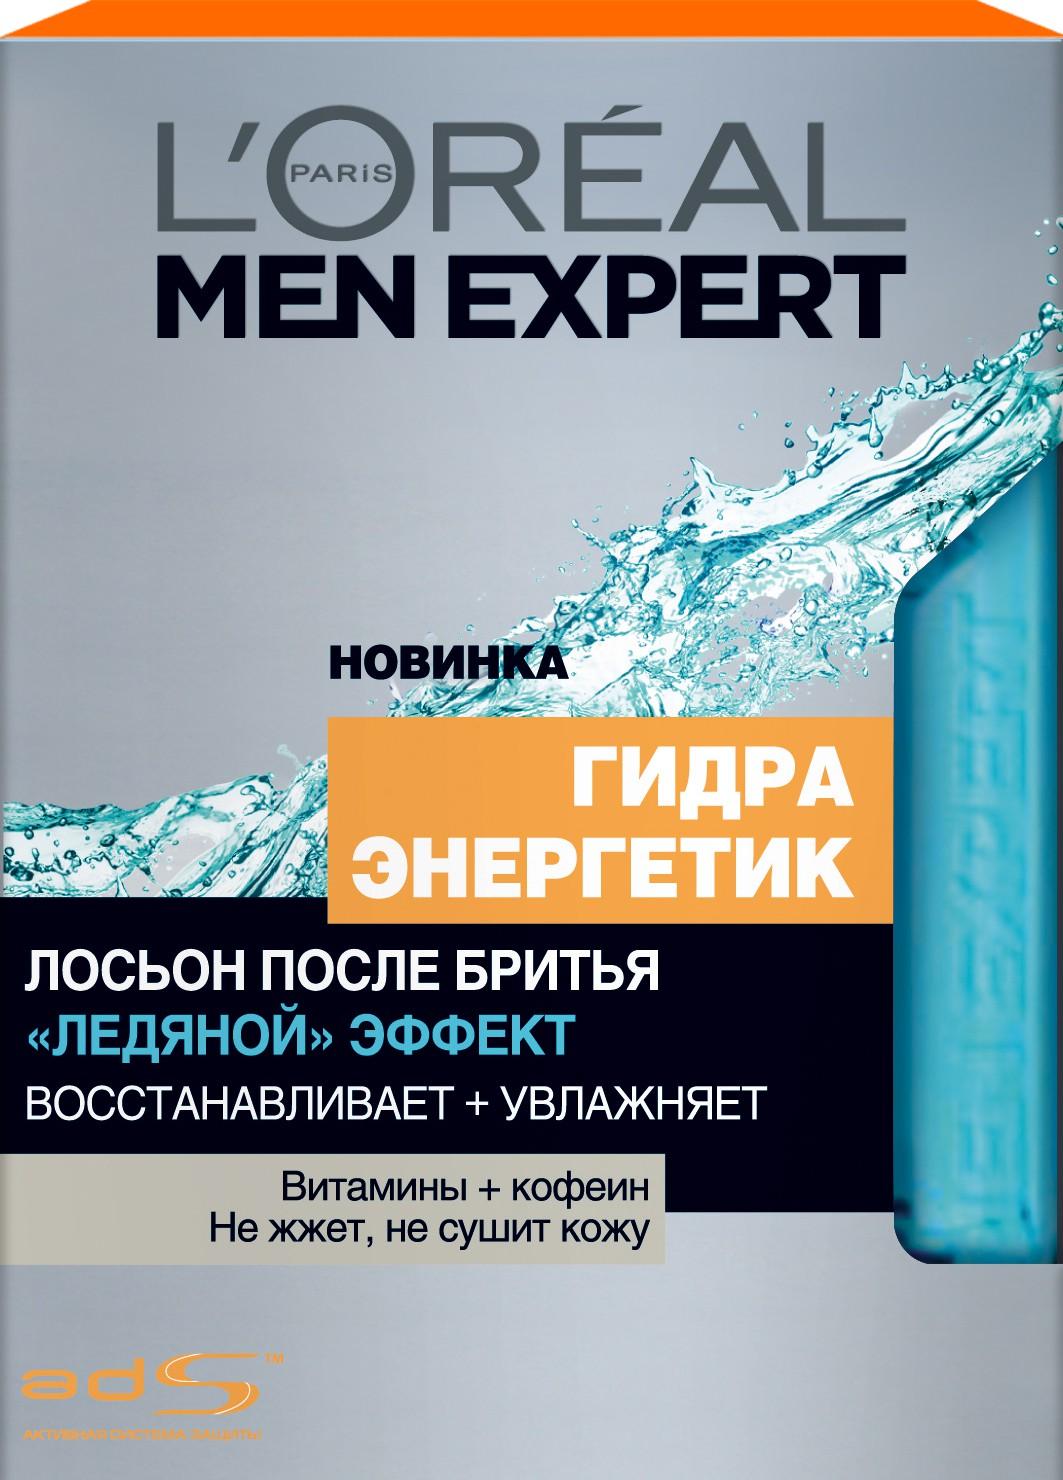 LOreal Paris Men Expert Лосьон после бритья Гидра Энергетик, Ледяной эффект, увлажняющий, восстанавливающий, 100 млA5993300Cредство после бритья нового поколения от MEN EXPERT! Морозная мята, терпкие нотки бергамота - «Ледяной» эффект от MEN EXPERT - это освежающий лосьон после бритья, обогащенный витаминами и кофеином.